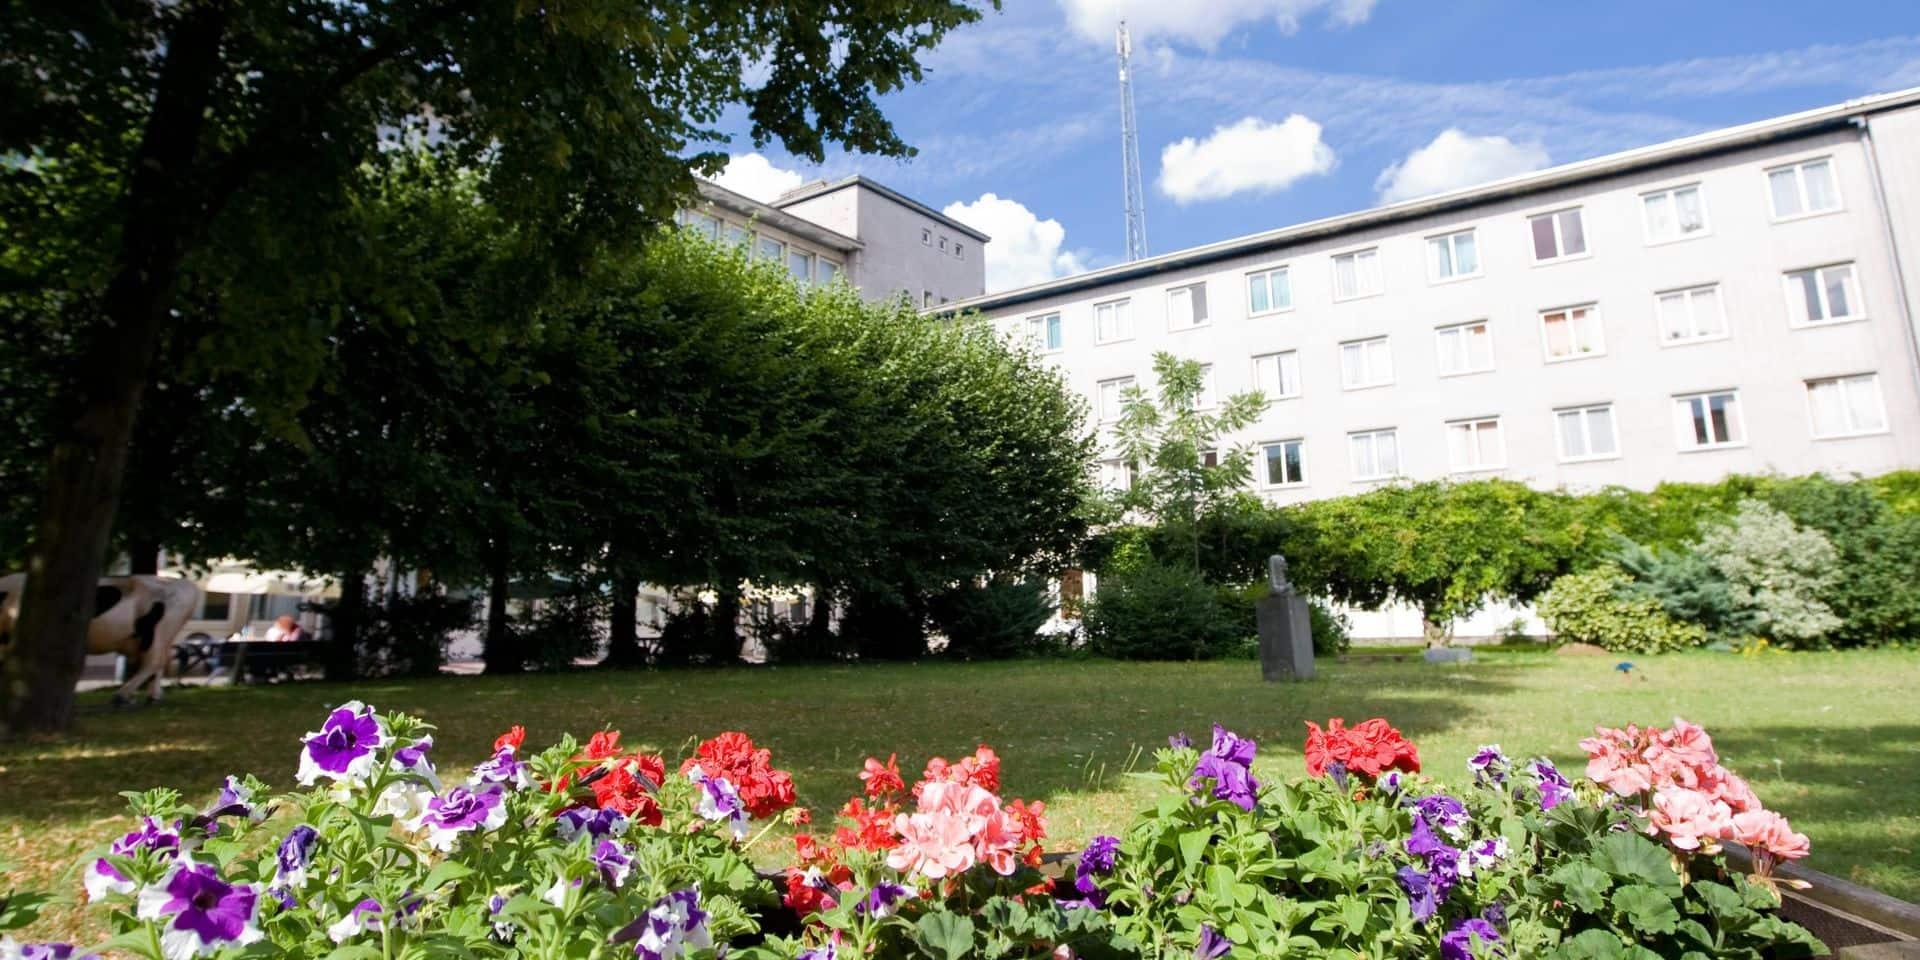 Maison de repos du CPAS de Saint-Gilles : le prix de certaines chambres pourrait passer de 1 350 à... 2 200 euros par mois